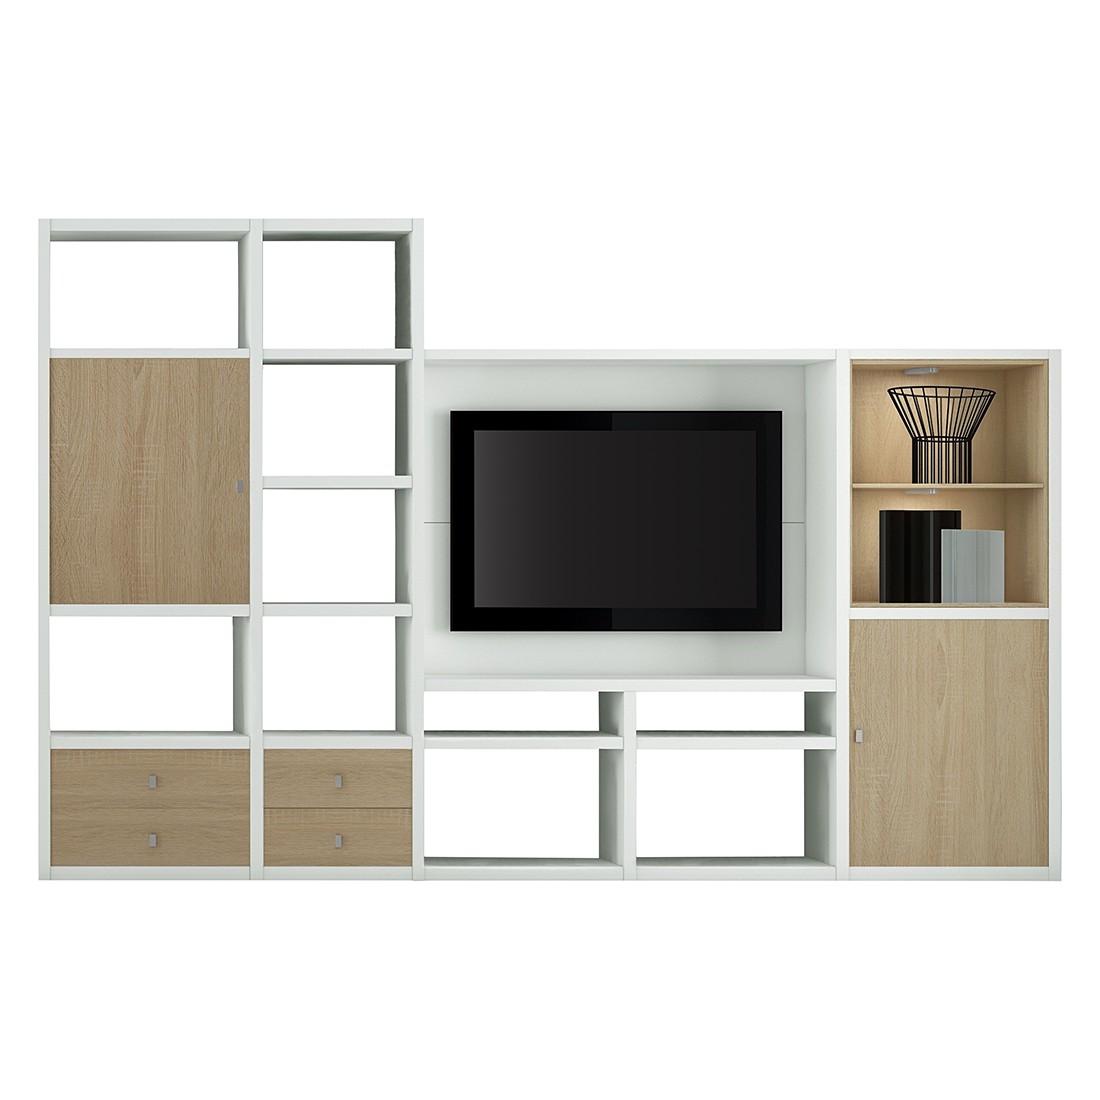 EEK A+, TV-Wand Emporior II - inkl. Beleuchtung - Eiche Dekor / Weiß, loftscape